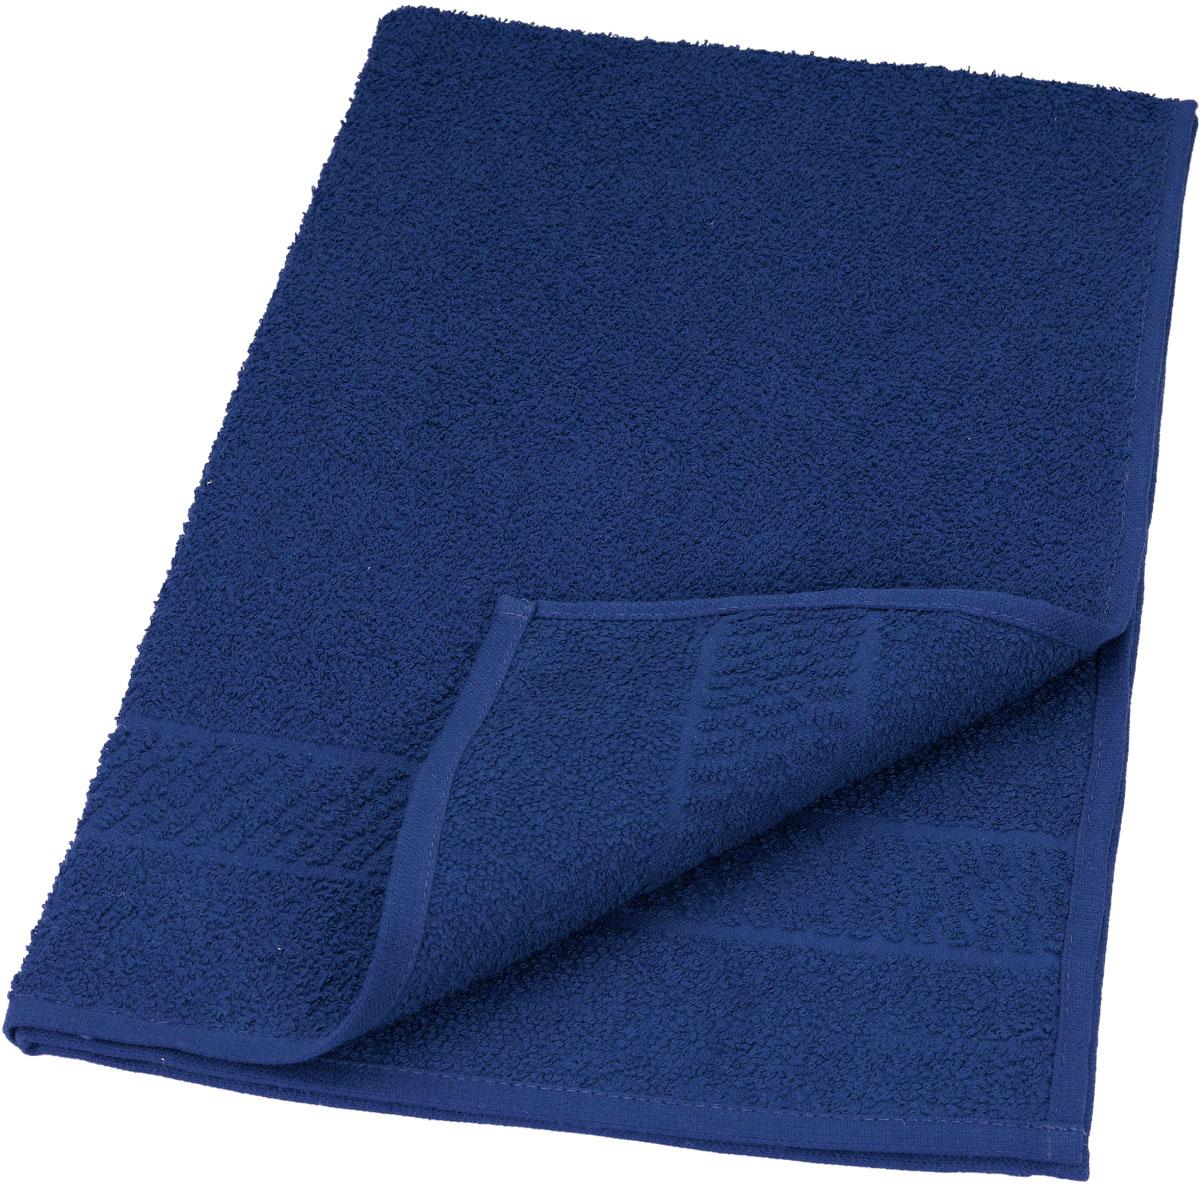 Bob Tuo Handtuch 50x85 cm königsblau SN-3510400